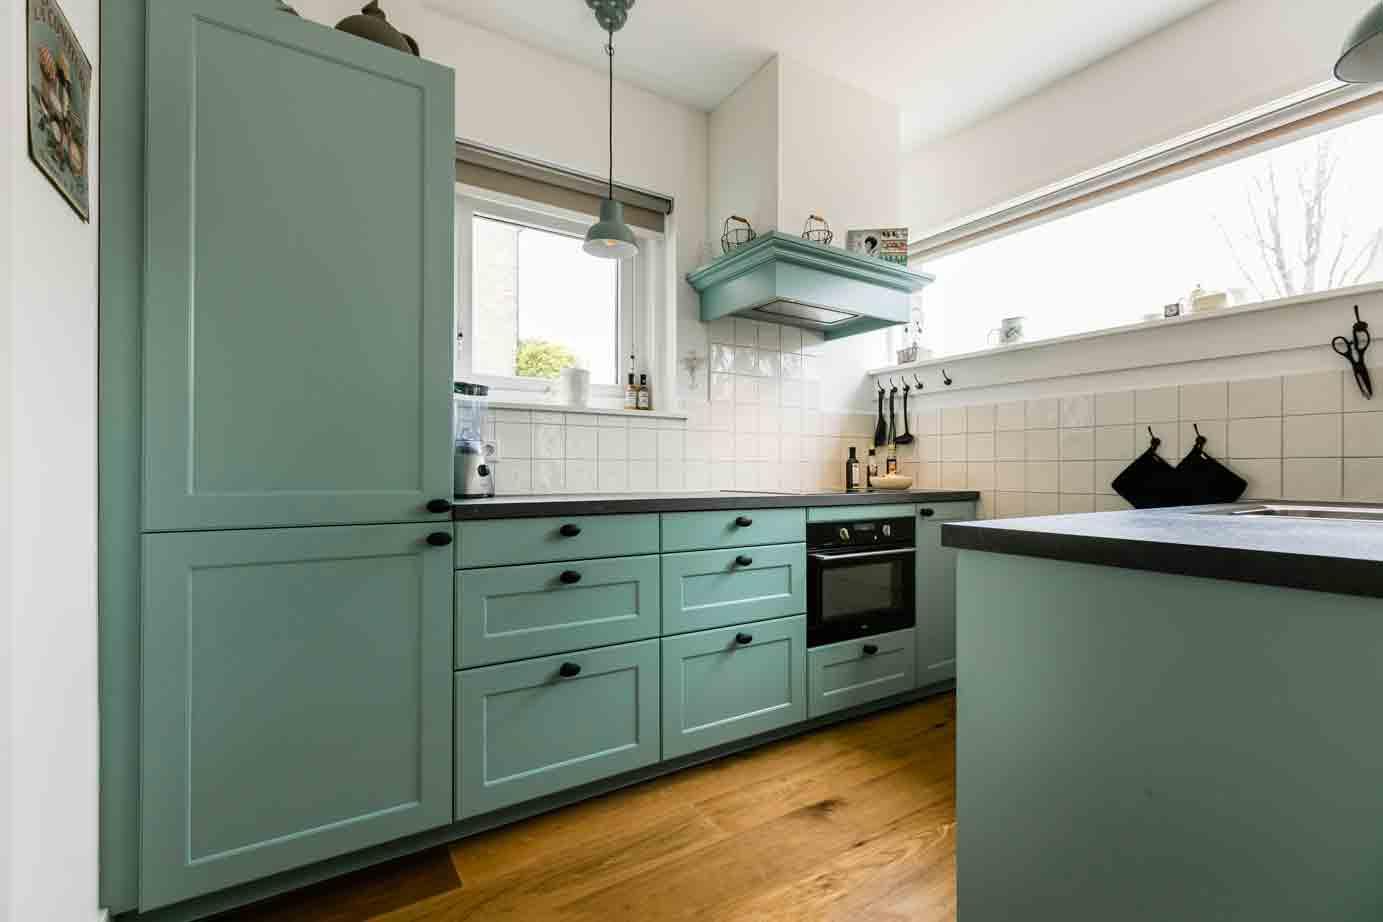 Keuken Design Hilversum : Blauw groen landelijke keuken met eiland in hilversum db keukens